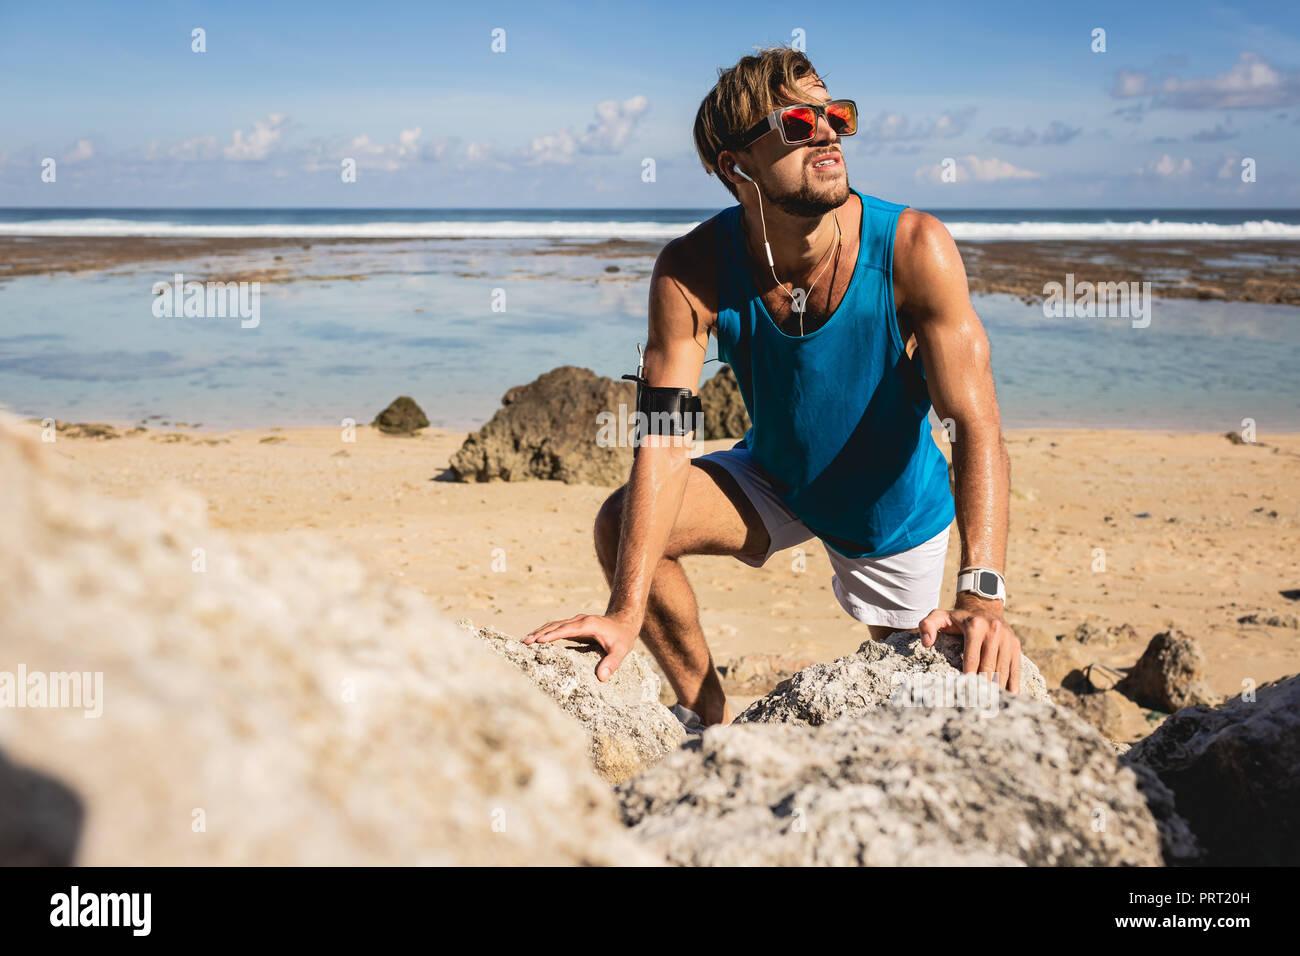 Deportista mirando hacia arriba mientras que la escalada en las rocas en la playa de Bali, Indonesia Imagen De Stock